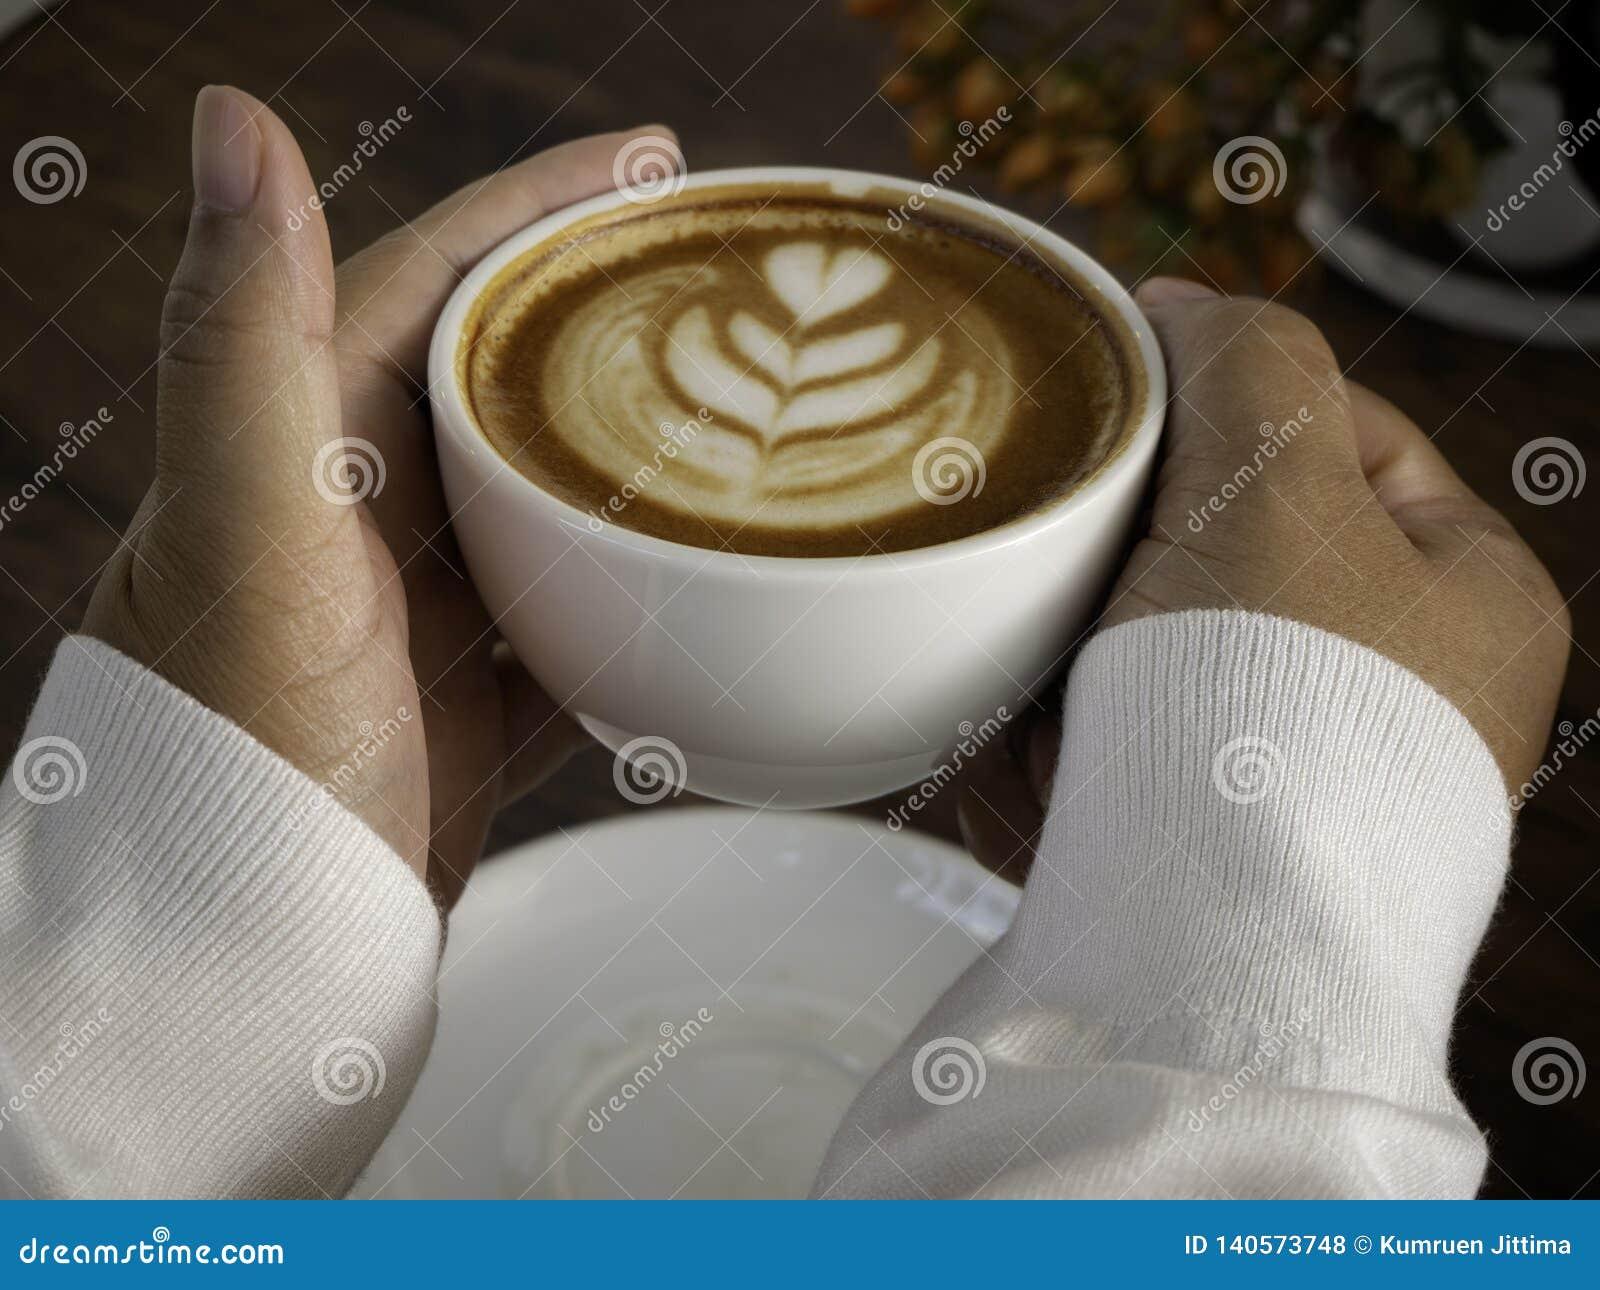 与美好的拿铁艺术的咖啡拿铁在手边